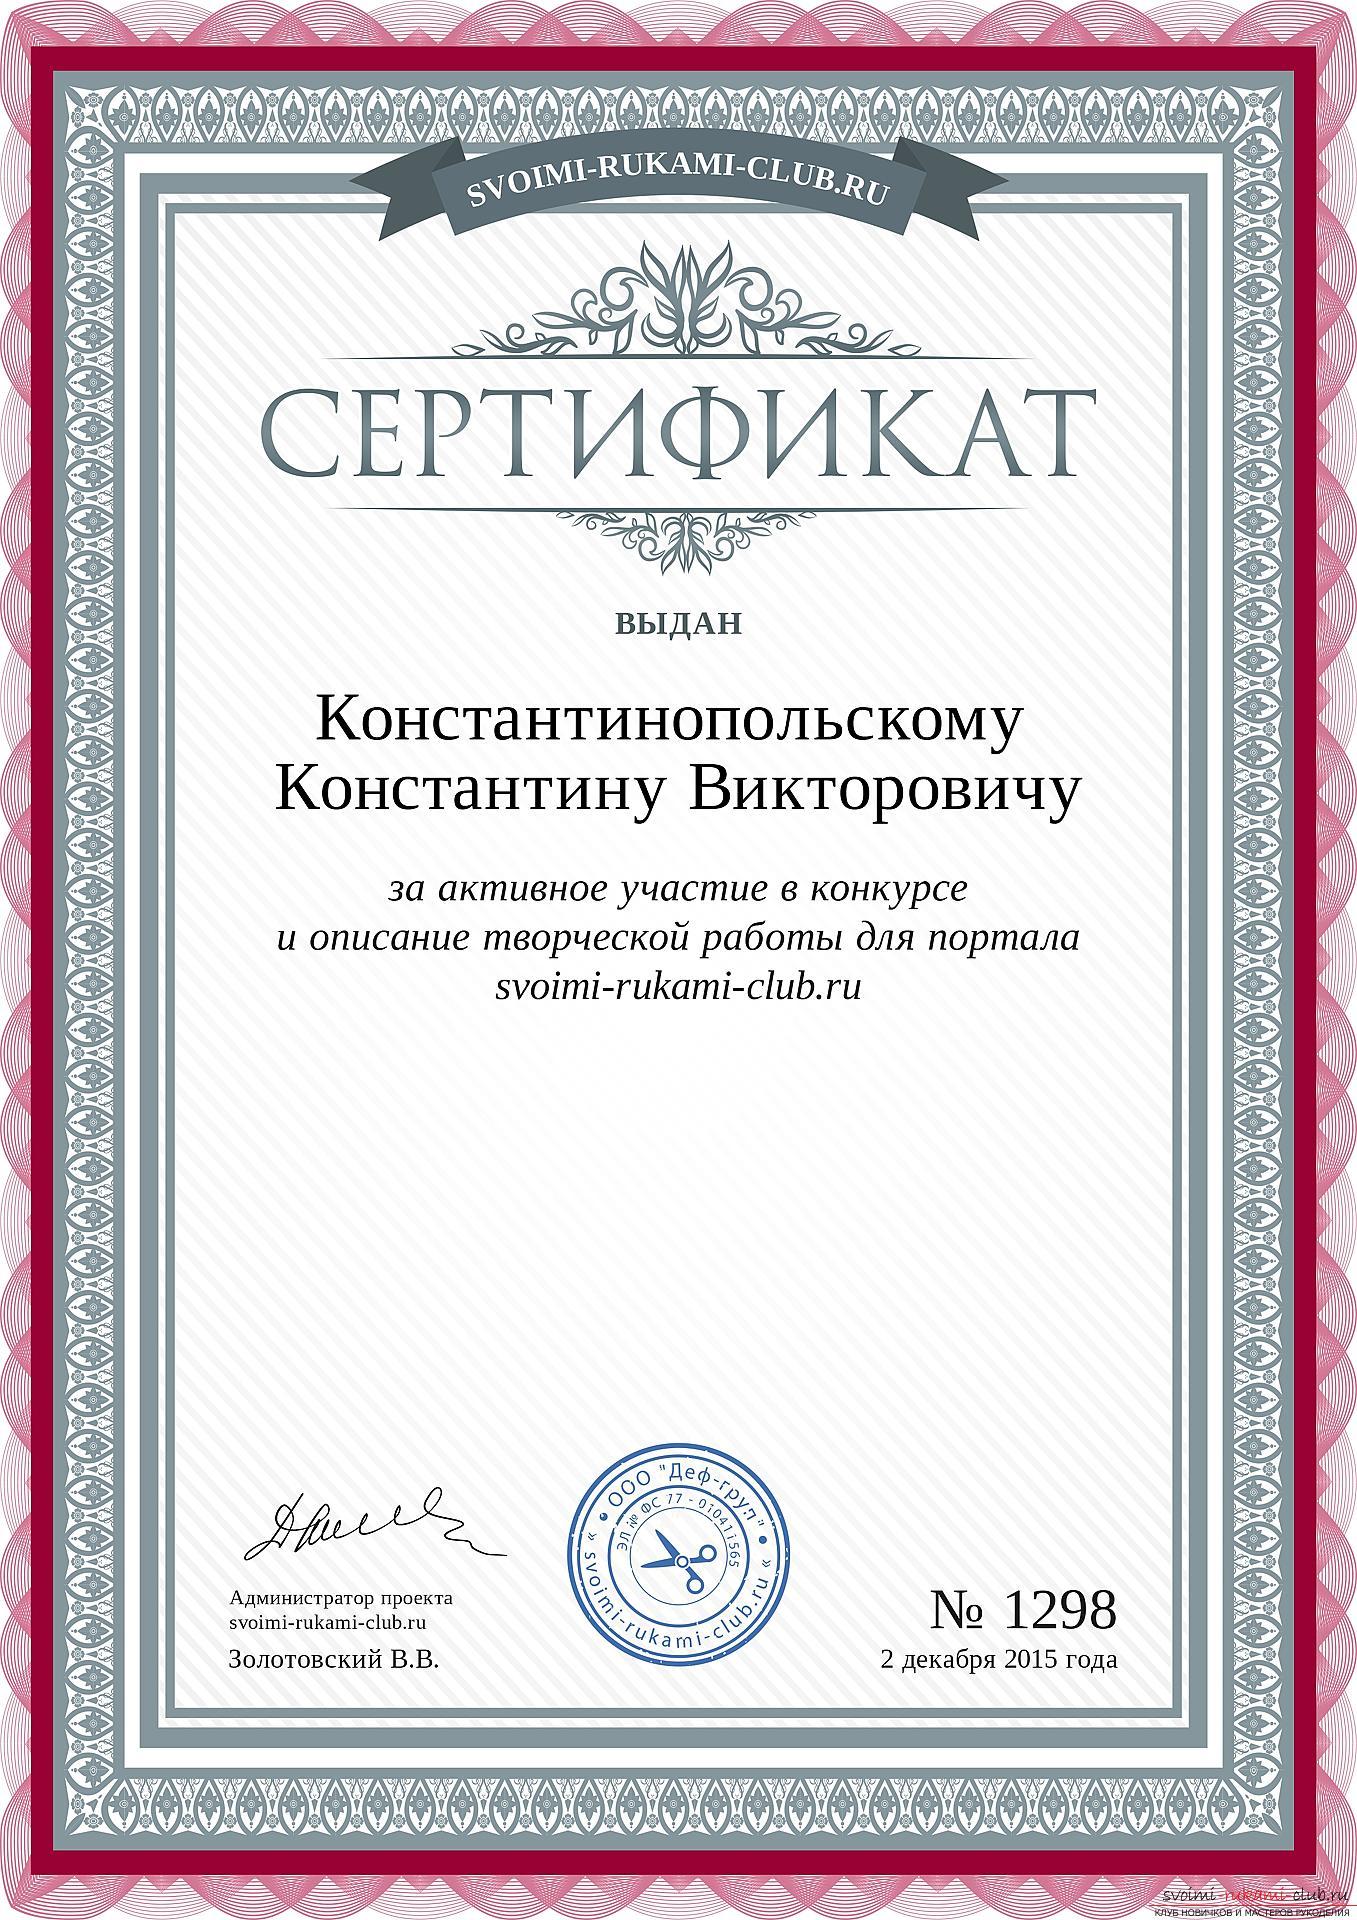 Свидетельства и сертификаты о публикации бесплатно для учителей  Если вы хотите принять участие в бесплатных конкурсах и получить бесплатный сертификат прочитайте эту статью